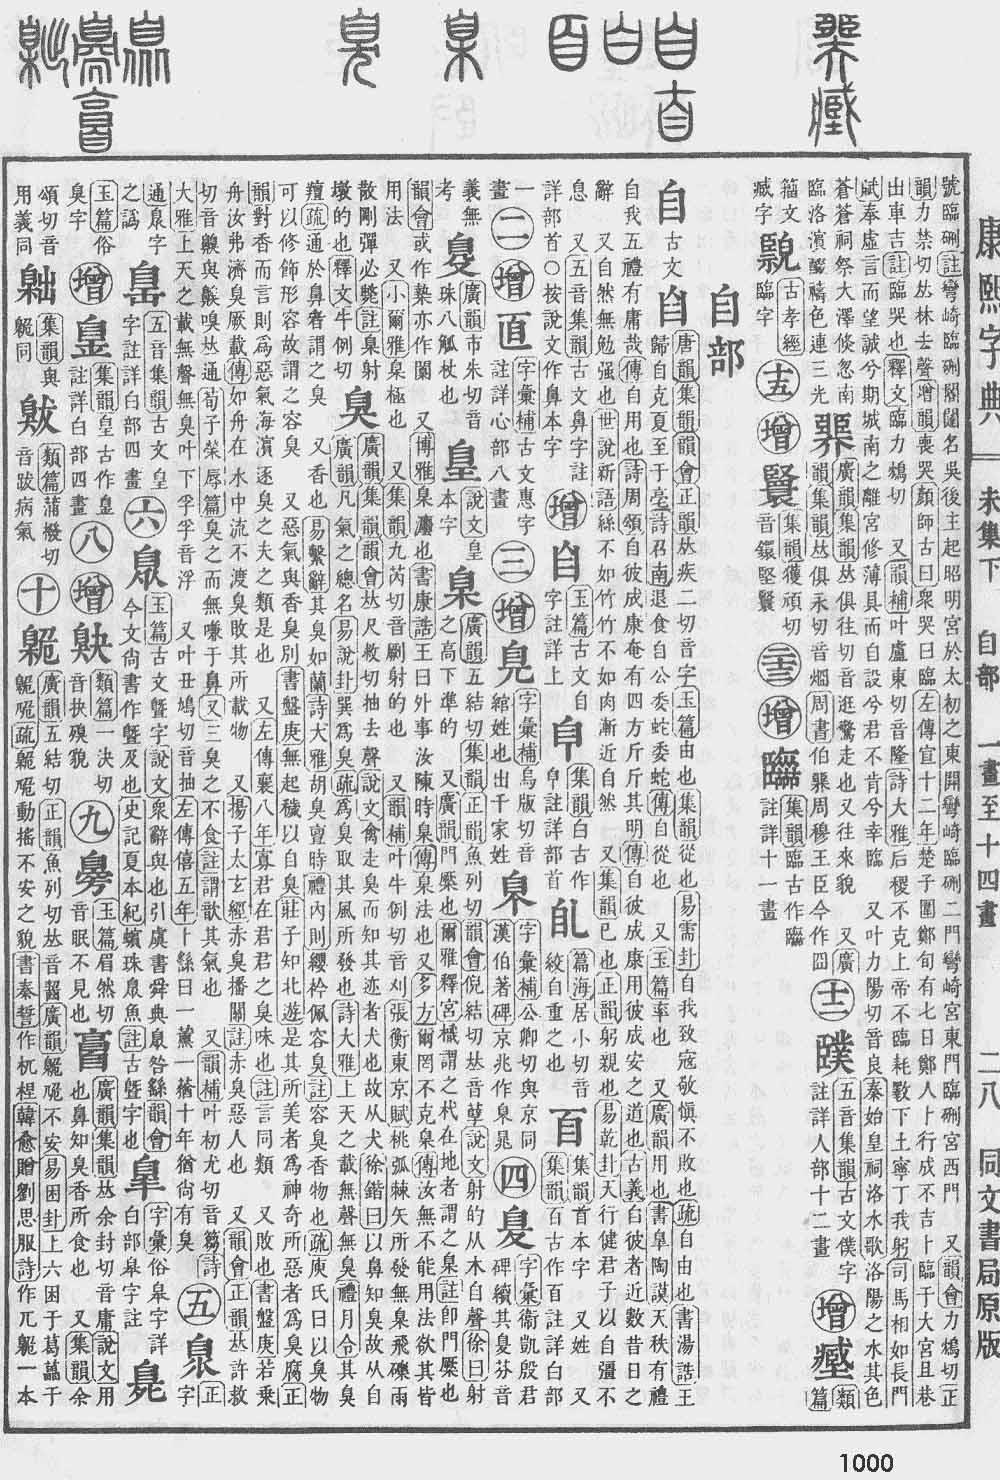 《康熙字典》第1000页